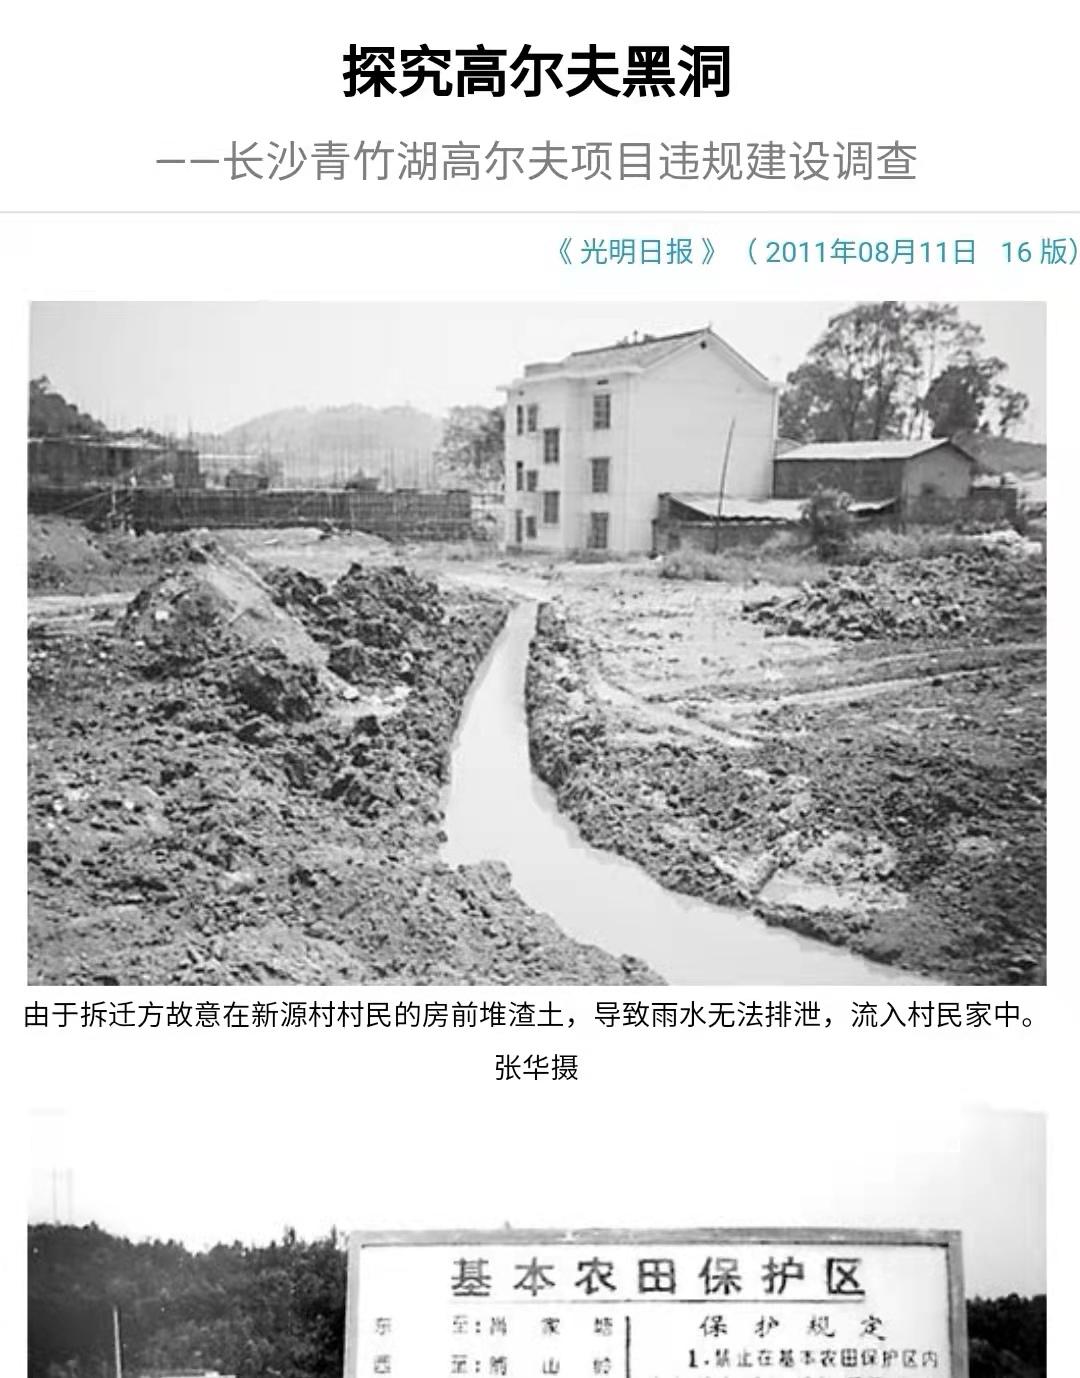 光明日报曾报道张华所在村庄拆迁问题,图为张华被强拆的三层楼房。 来源:光明日报电子版。